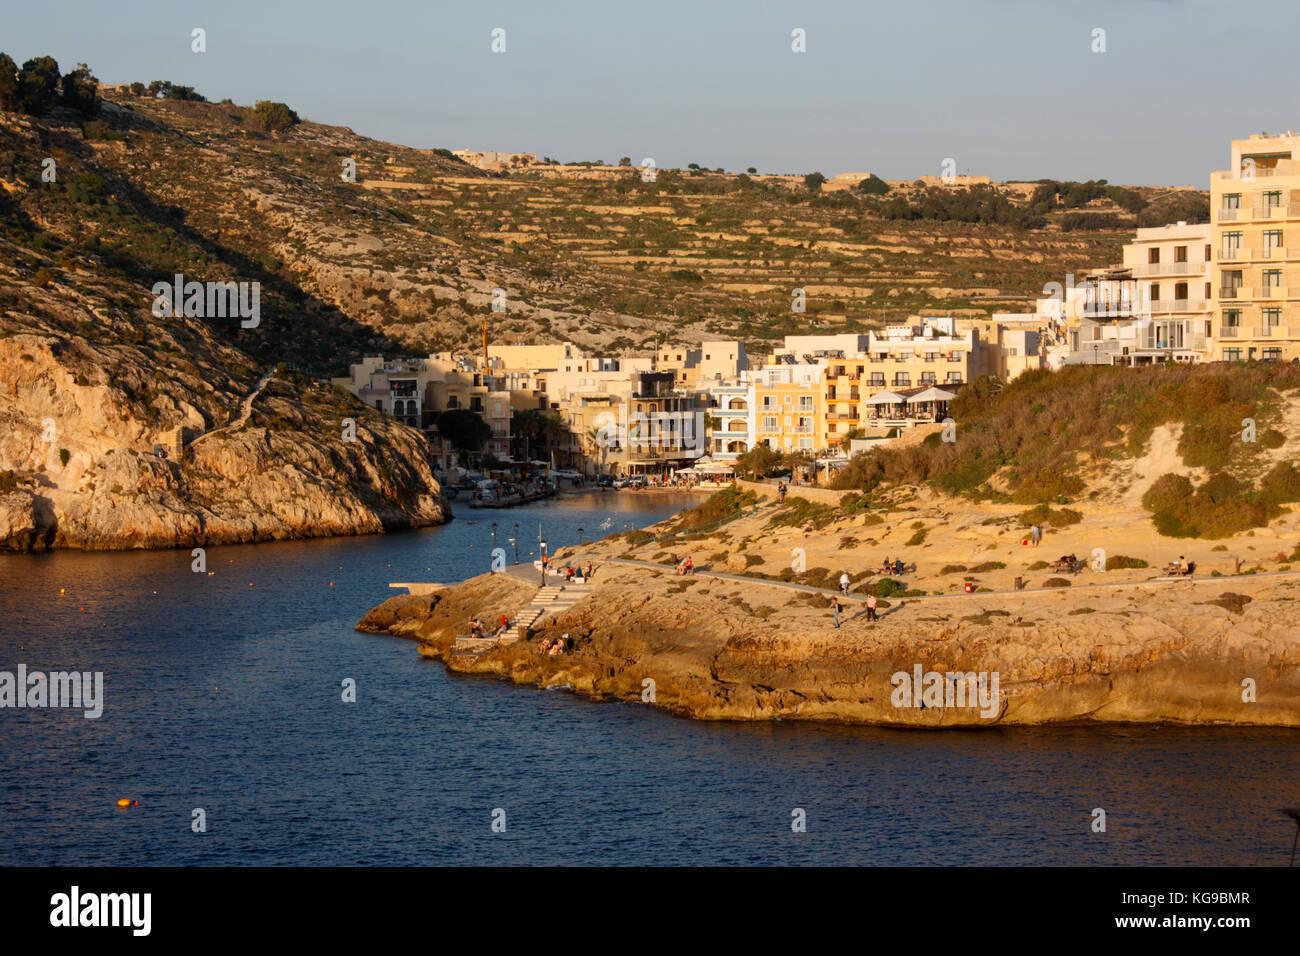 Il villaggio sul mare di Xlendi (pronunciato Shlendy) a Gozo, Malta, al tramonto Immagini Stock